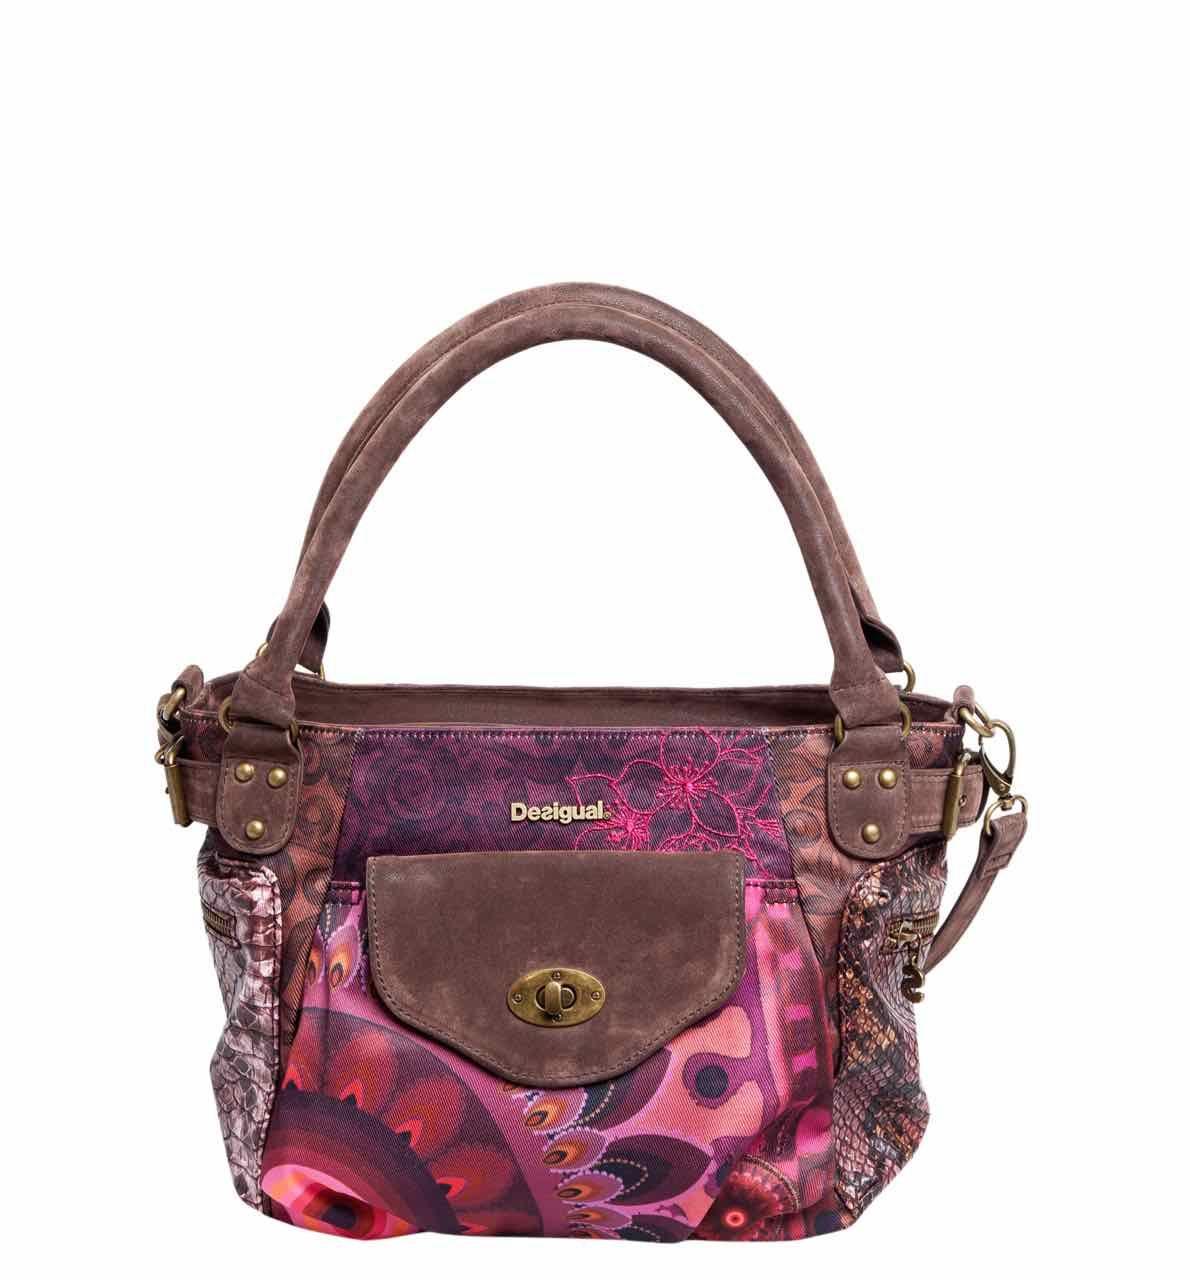 274c67f24b7c Desigual Bag Mini Mcbee Andromeda